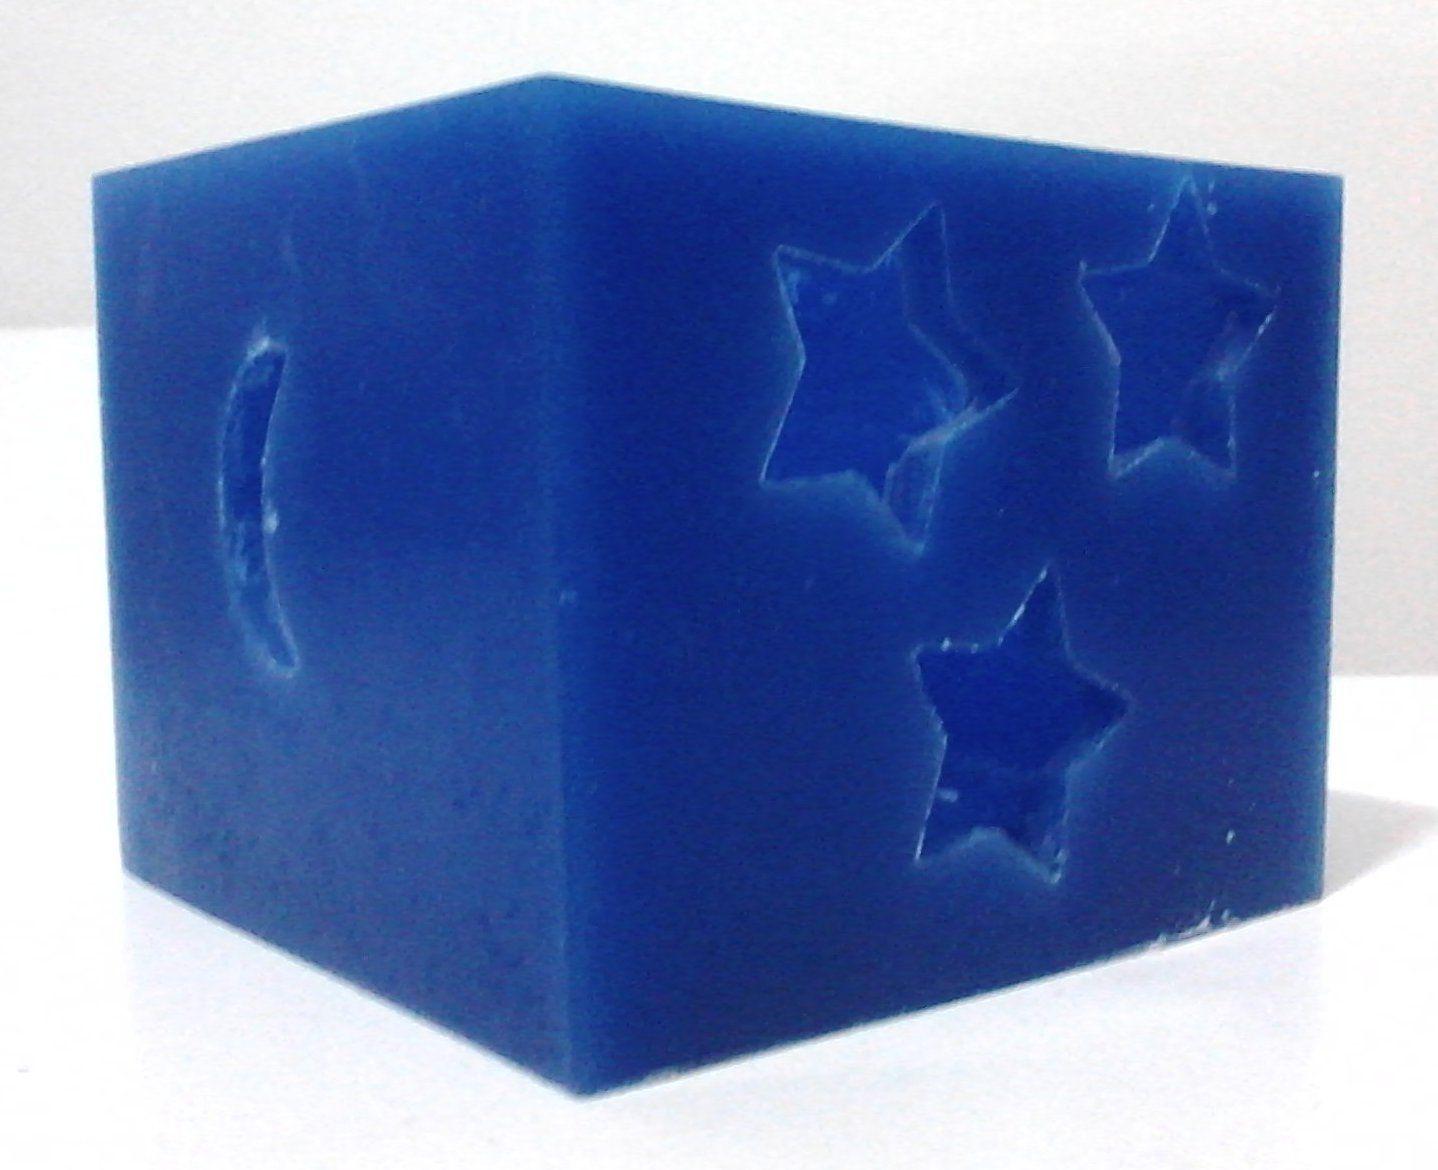 Luminária quadrada azul com detalhes em estrelas e lua.